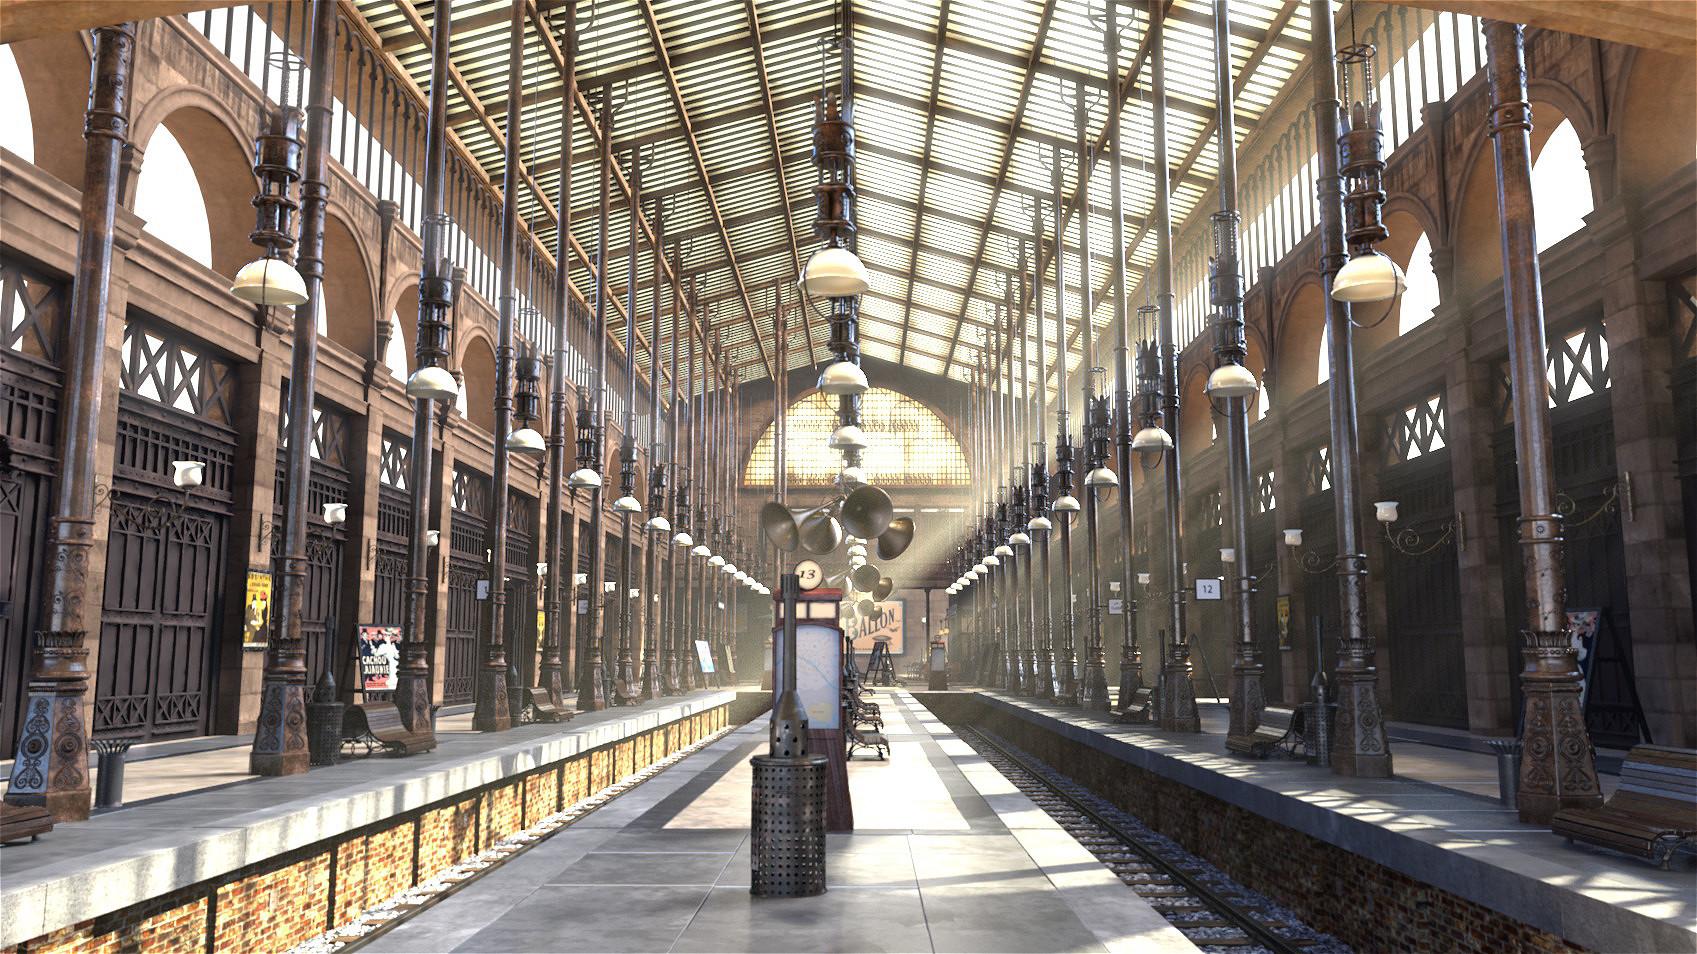 Estação Paris Gare Montparnasse